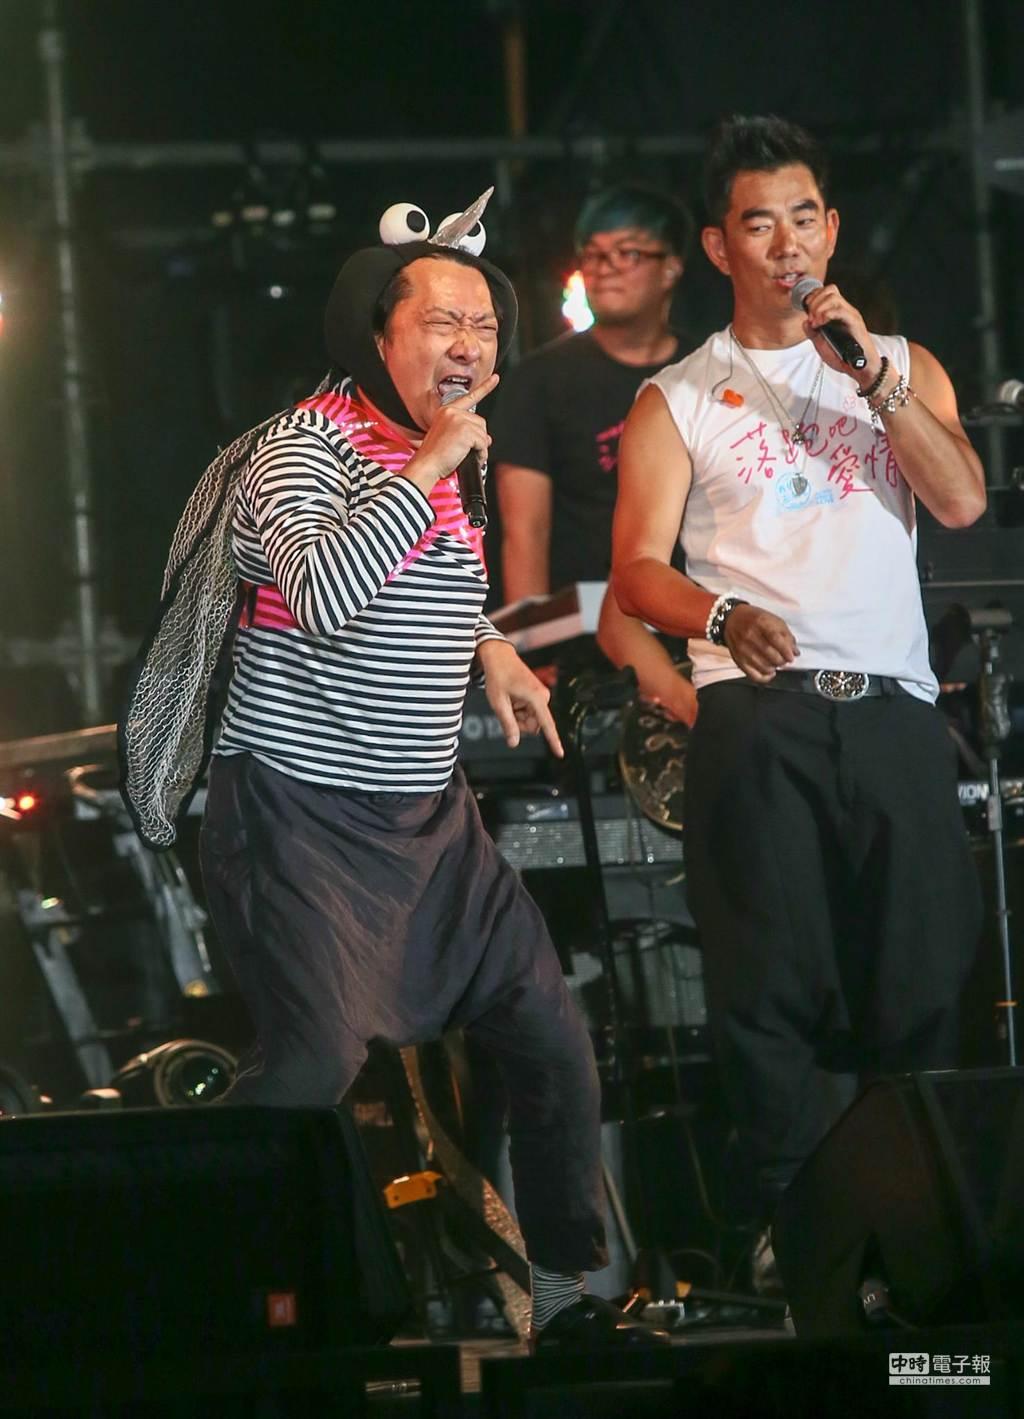 任賢齊「犀利啥小趴」為執導電影《落跑吧 愛情》暖聲開唱,九孔(左)上台和任賢齊合唱跳蚊子舞。(盧禕祺攝)